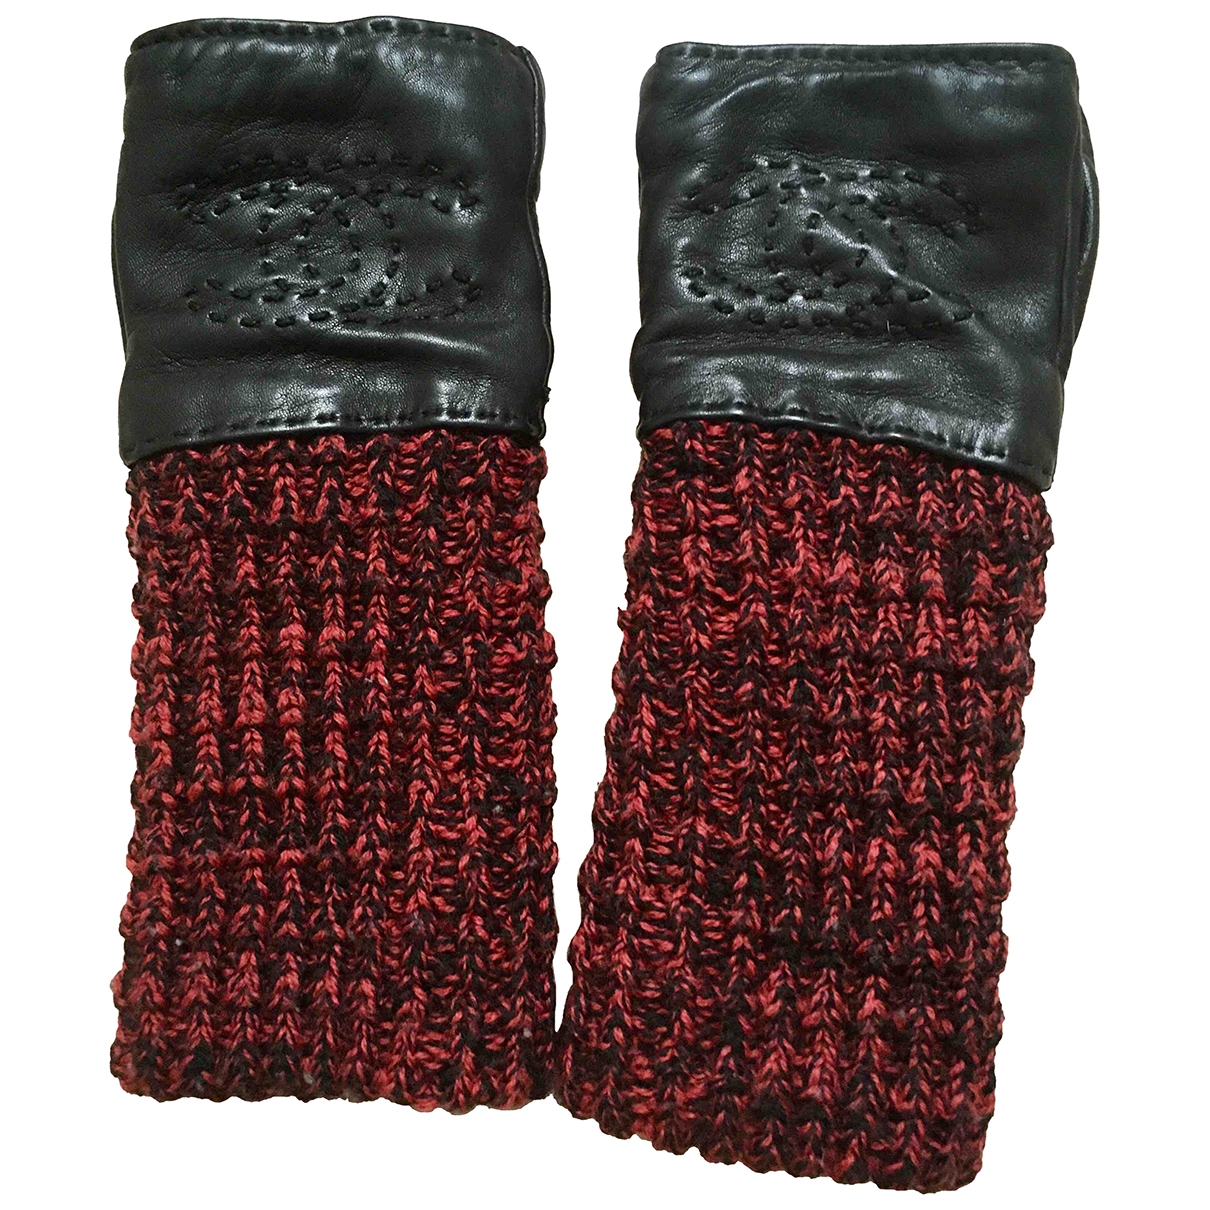 Chanel \N Handschuhe in  Schwarz Kaschmir